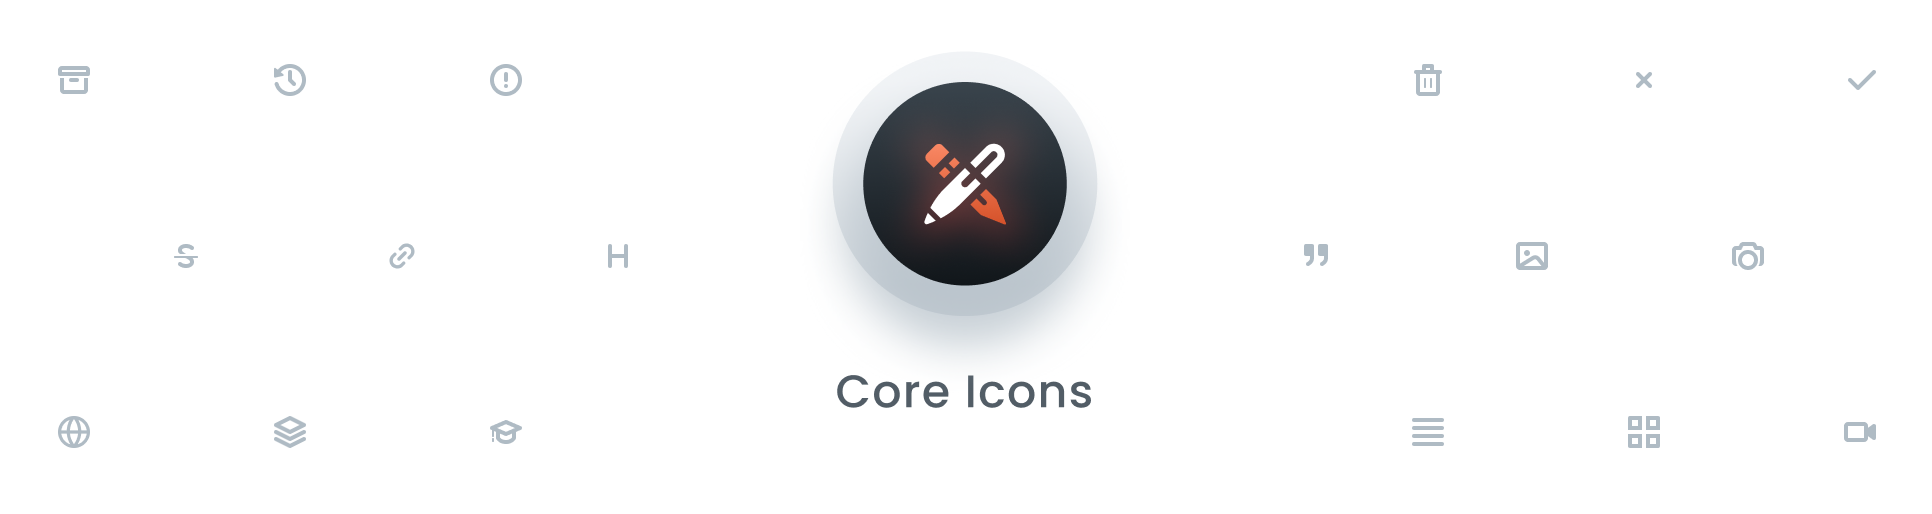 core-icons